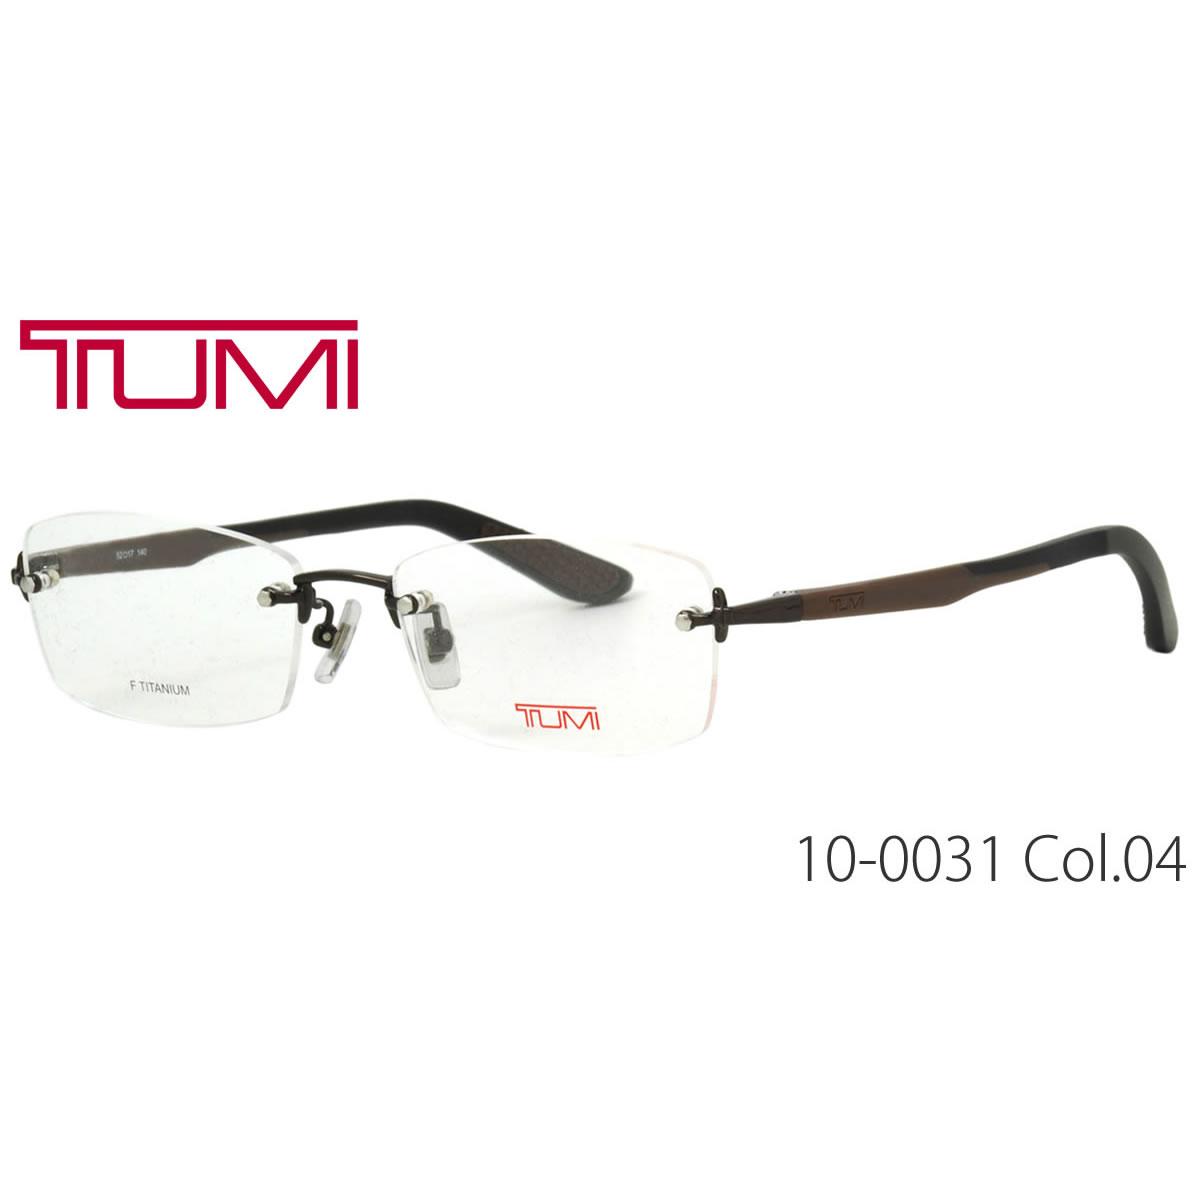 ほぼ全品ポイント15倍~最大43倍+3倍!お得なクーポンも! トゥミ メガネ 10-0031 04 52サイズ TUMI ビジネスバッグで人気のブランド メンズ